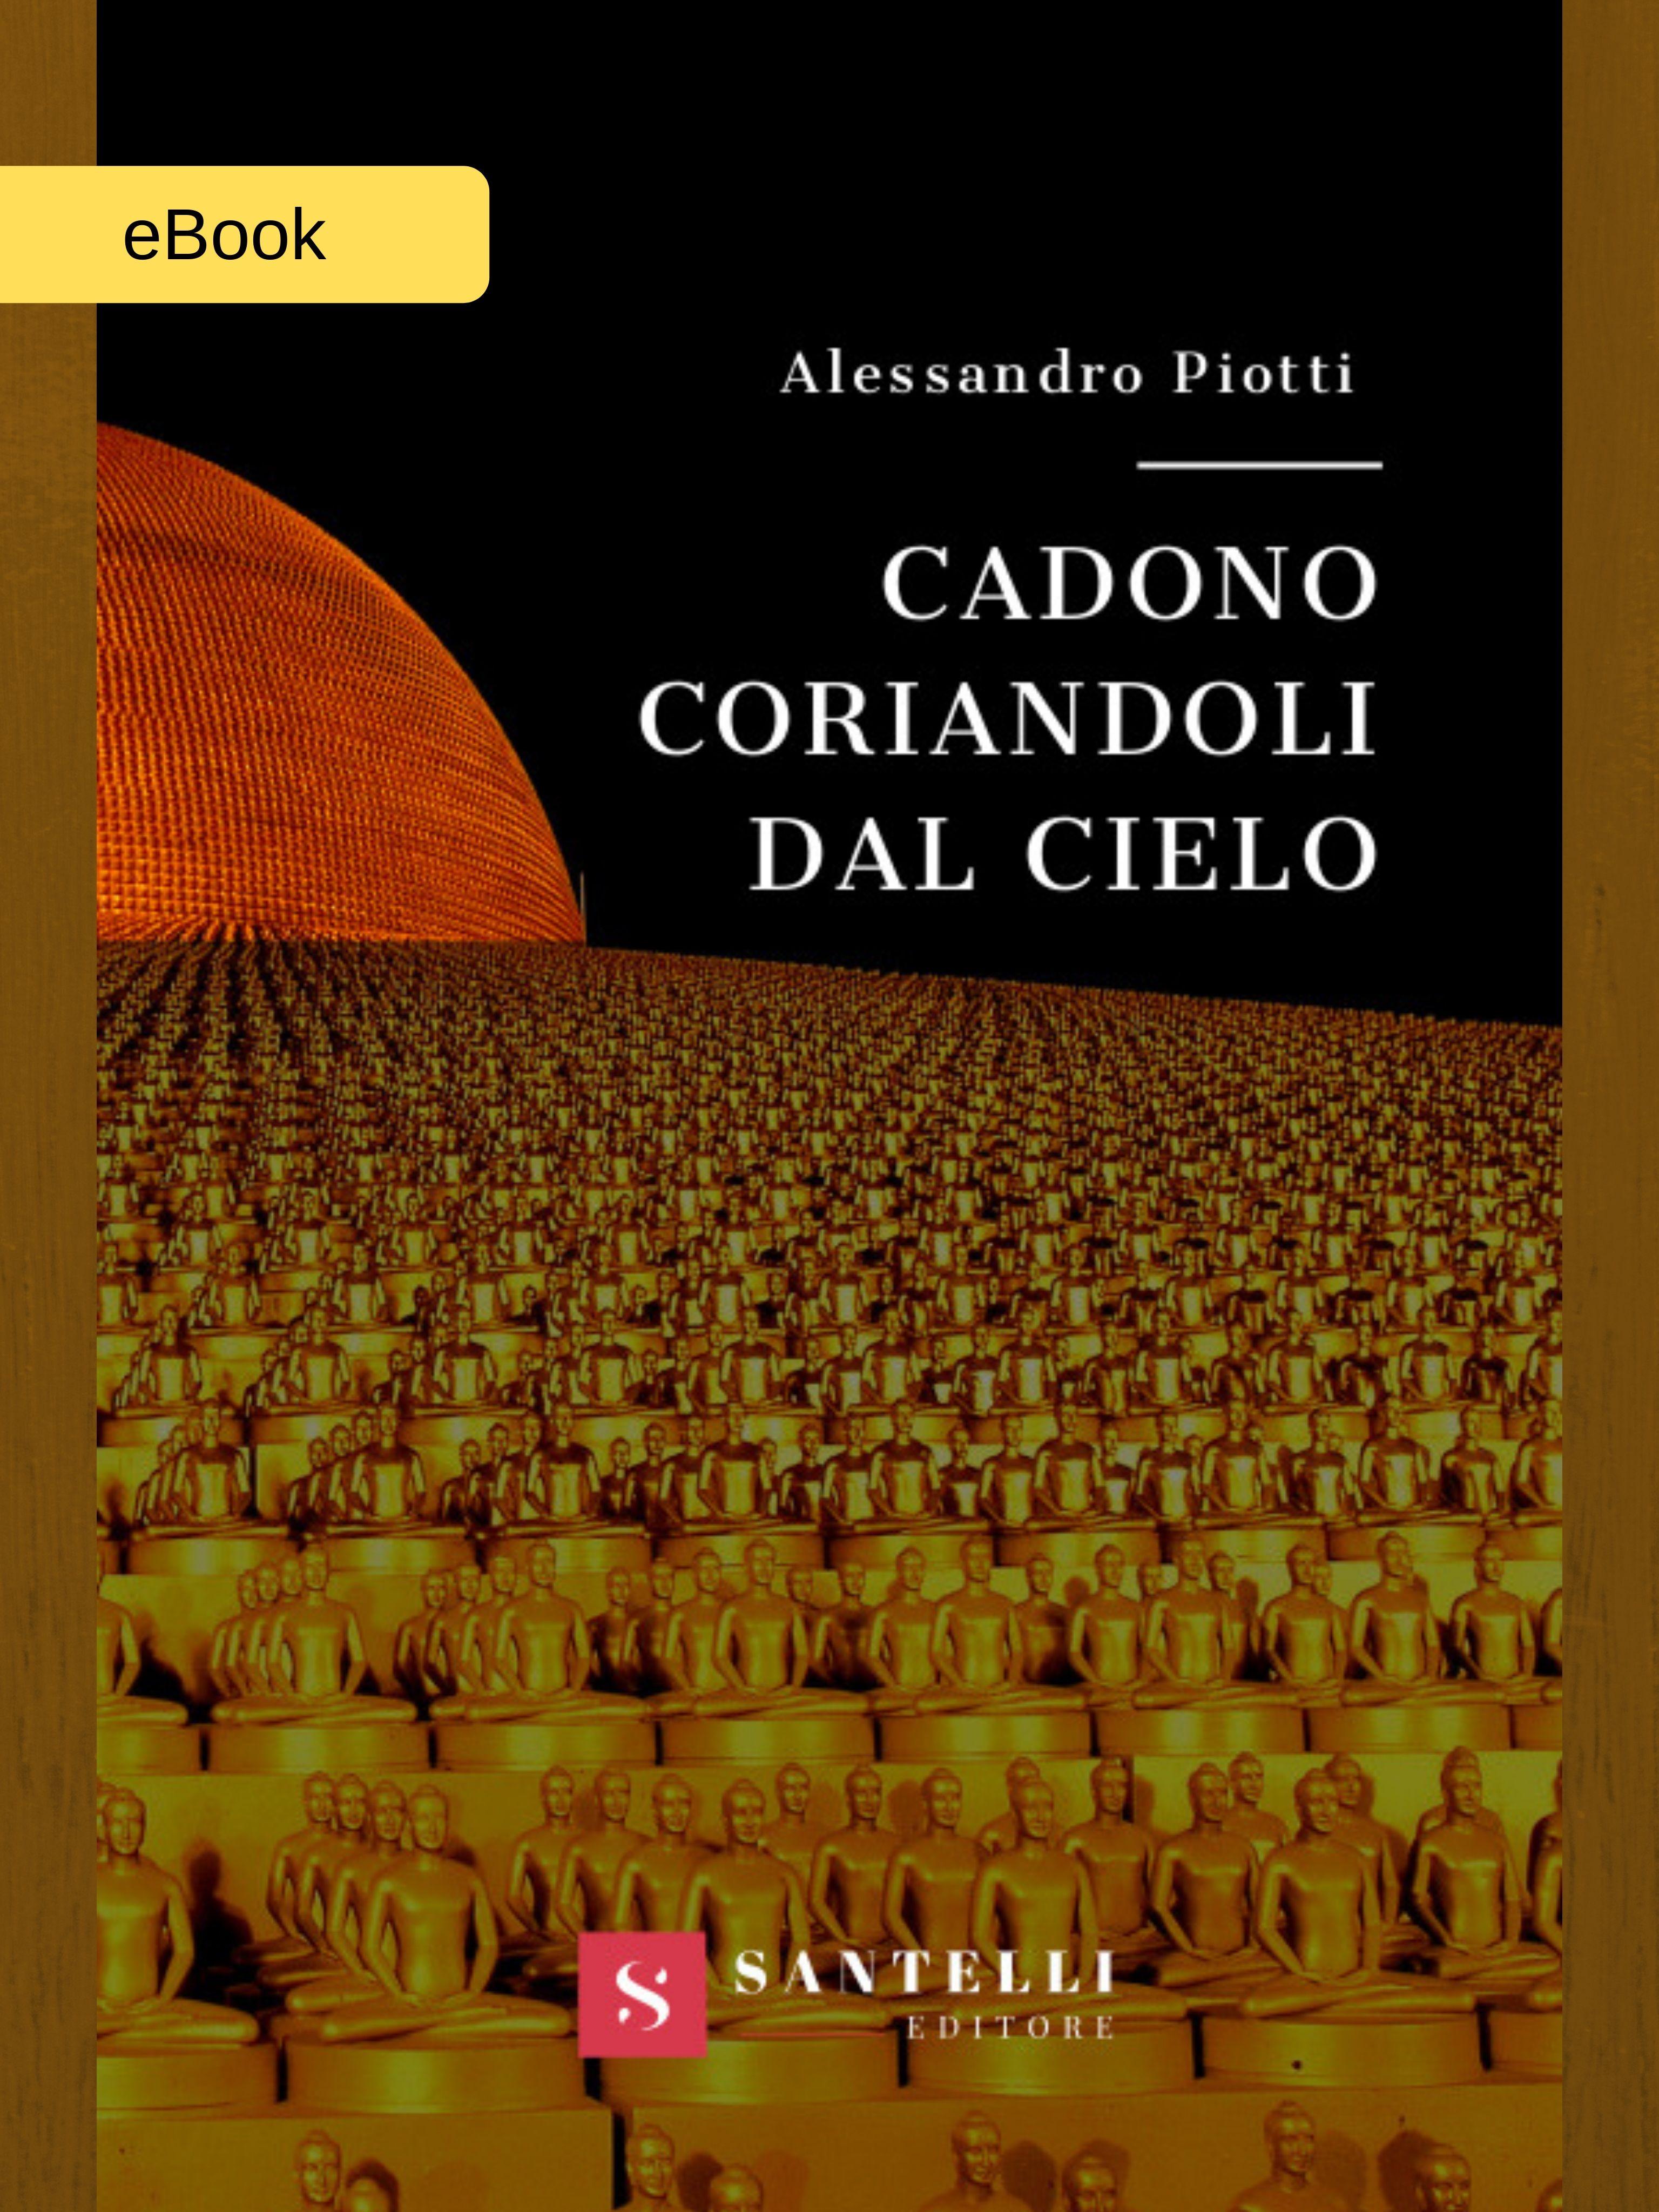 Cadono coriandoli dal cielo (eBook), Alessandro Piotti -- coverfront